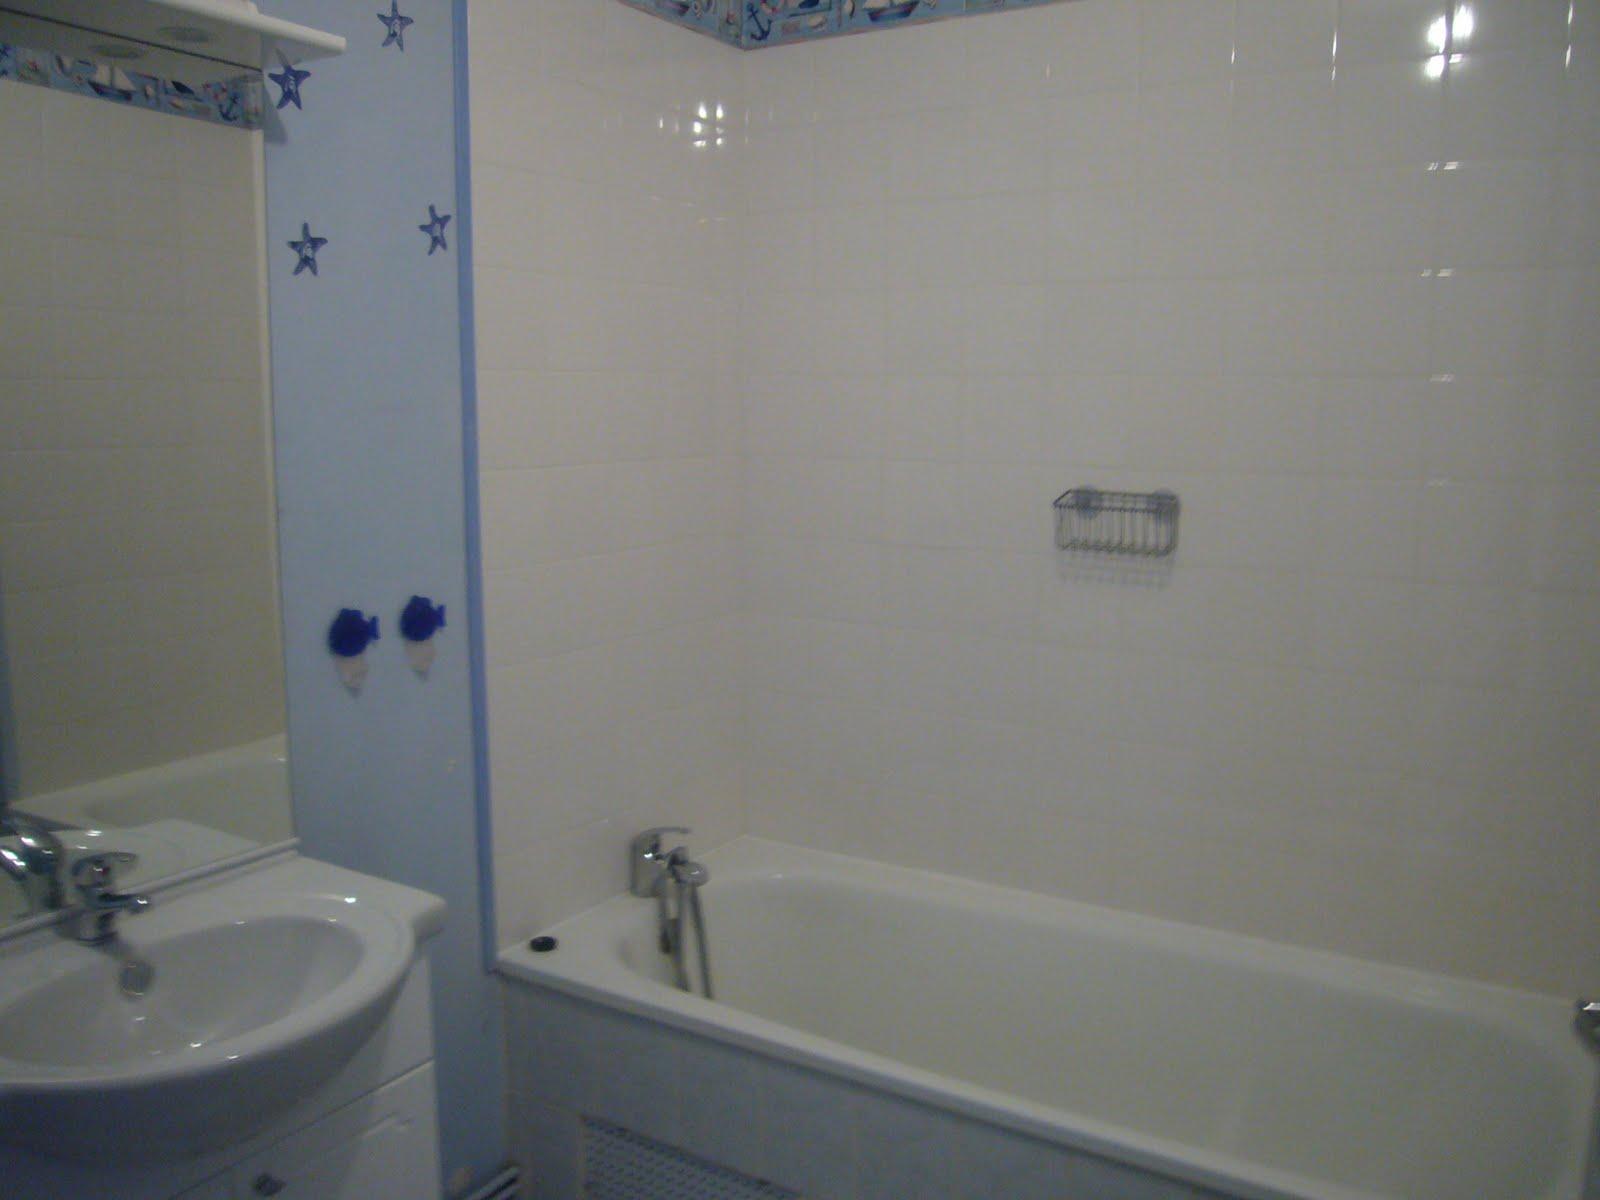 forte t te sur talons hauts une salle de bain qui donne bonne mine. Black Bedroom Furniture Sets. Home Design Ideas